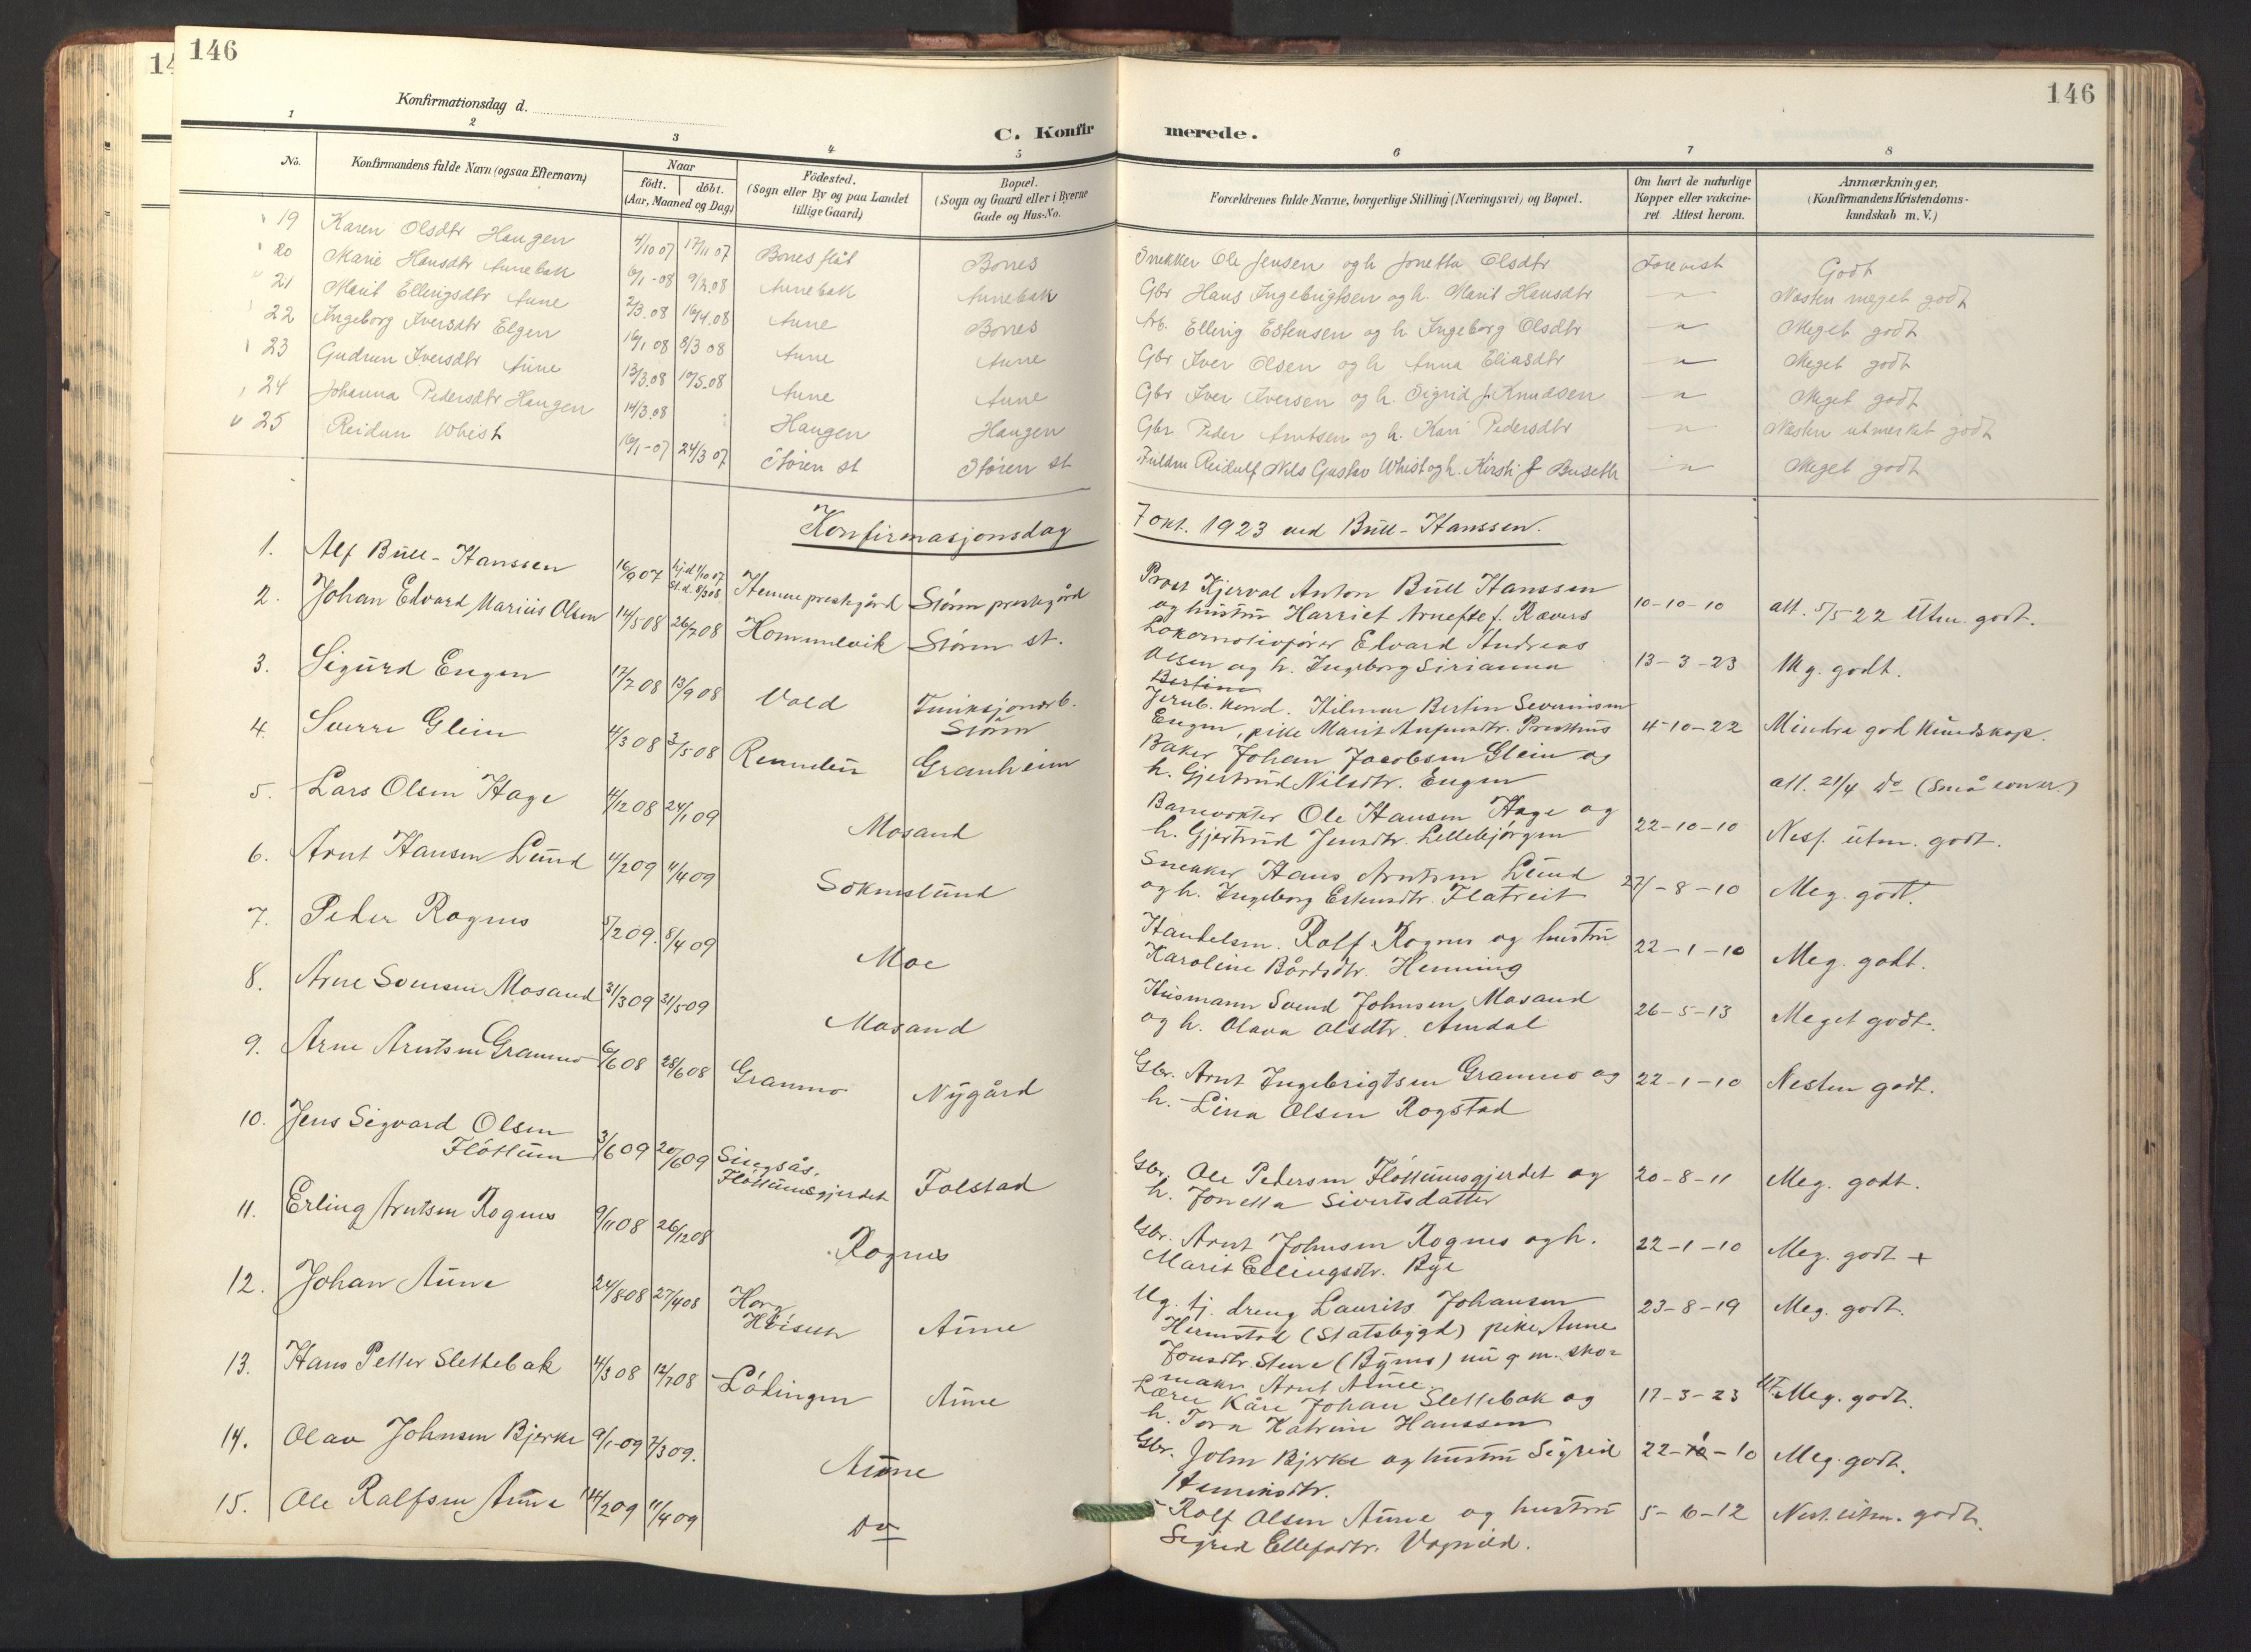 SAT, Ministerialprotokoller, klokkerbøker og fødselsregistre - Sør-Trøndelag, 687/L1019: Klokkerbok nr. 687C03, 1904-1931, s. 146